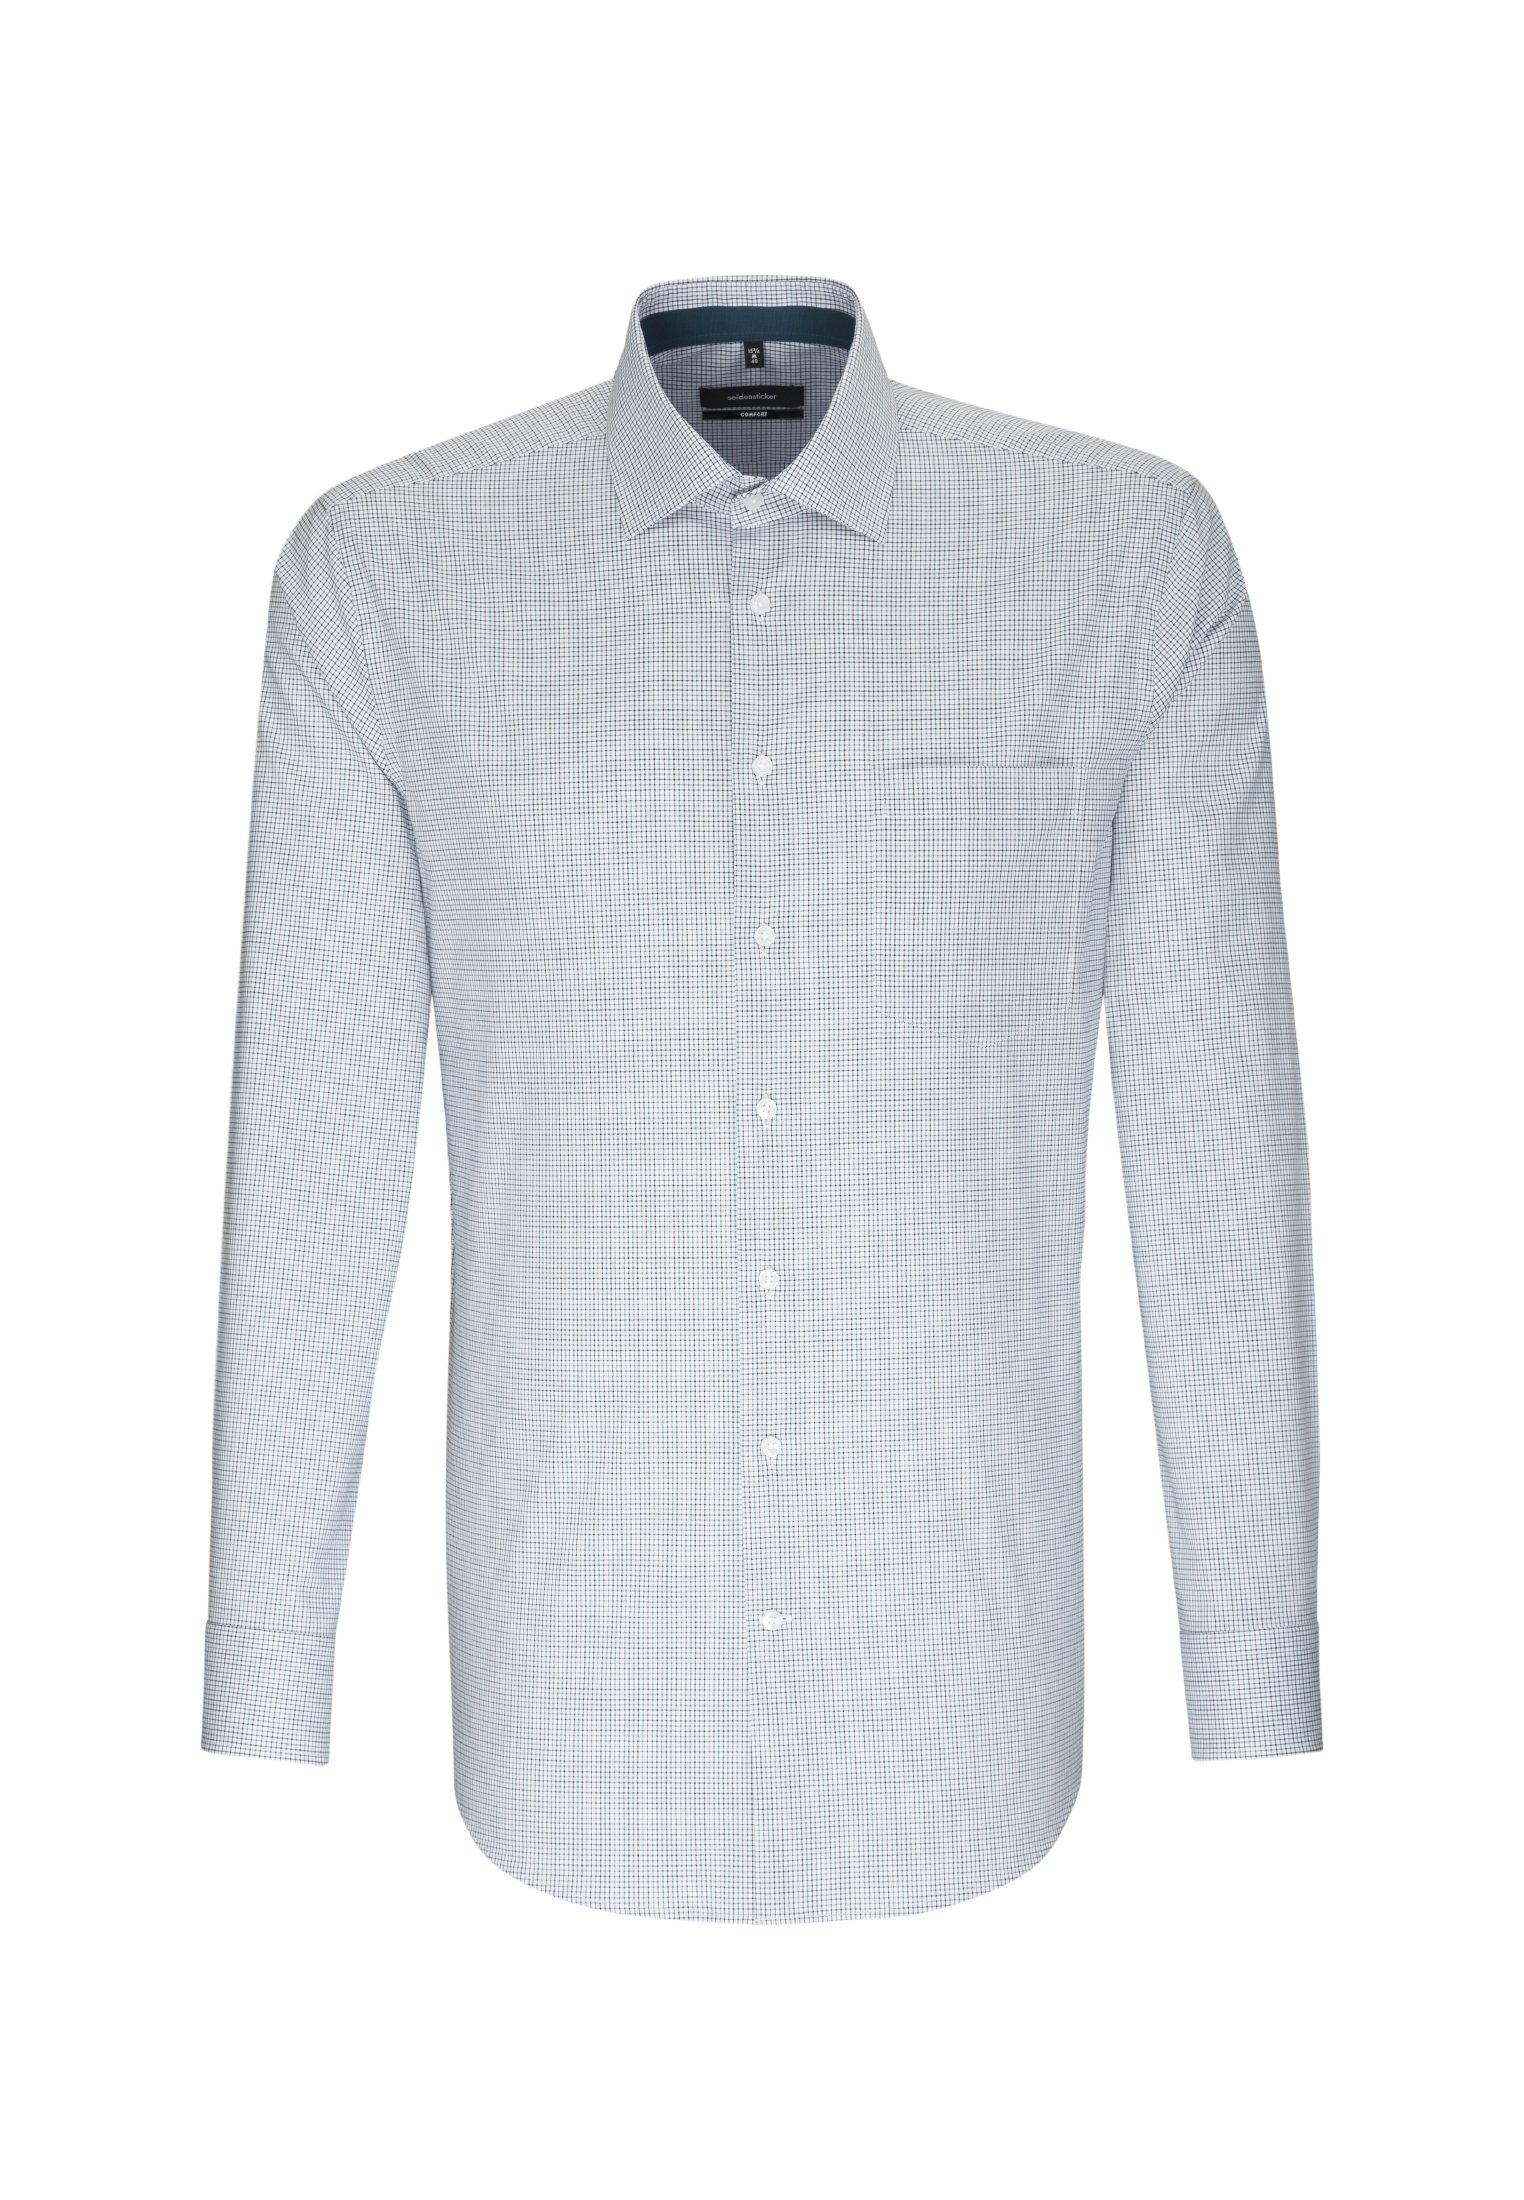 seidensticker businessoverhemd »Comfort« nu online bestellen